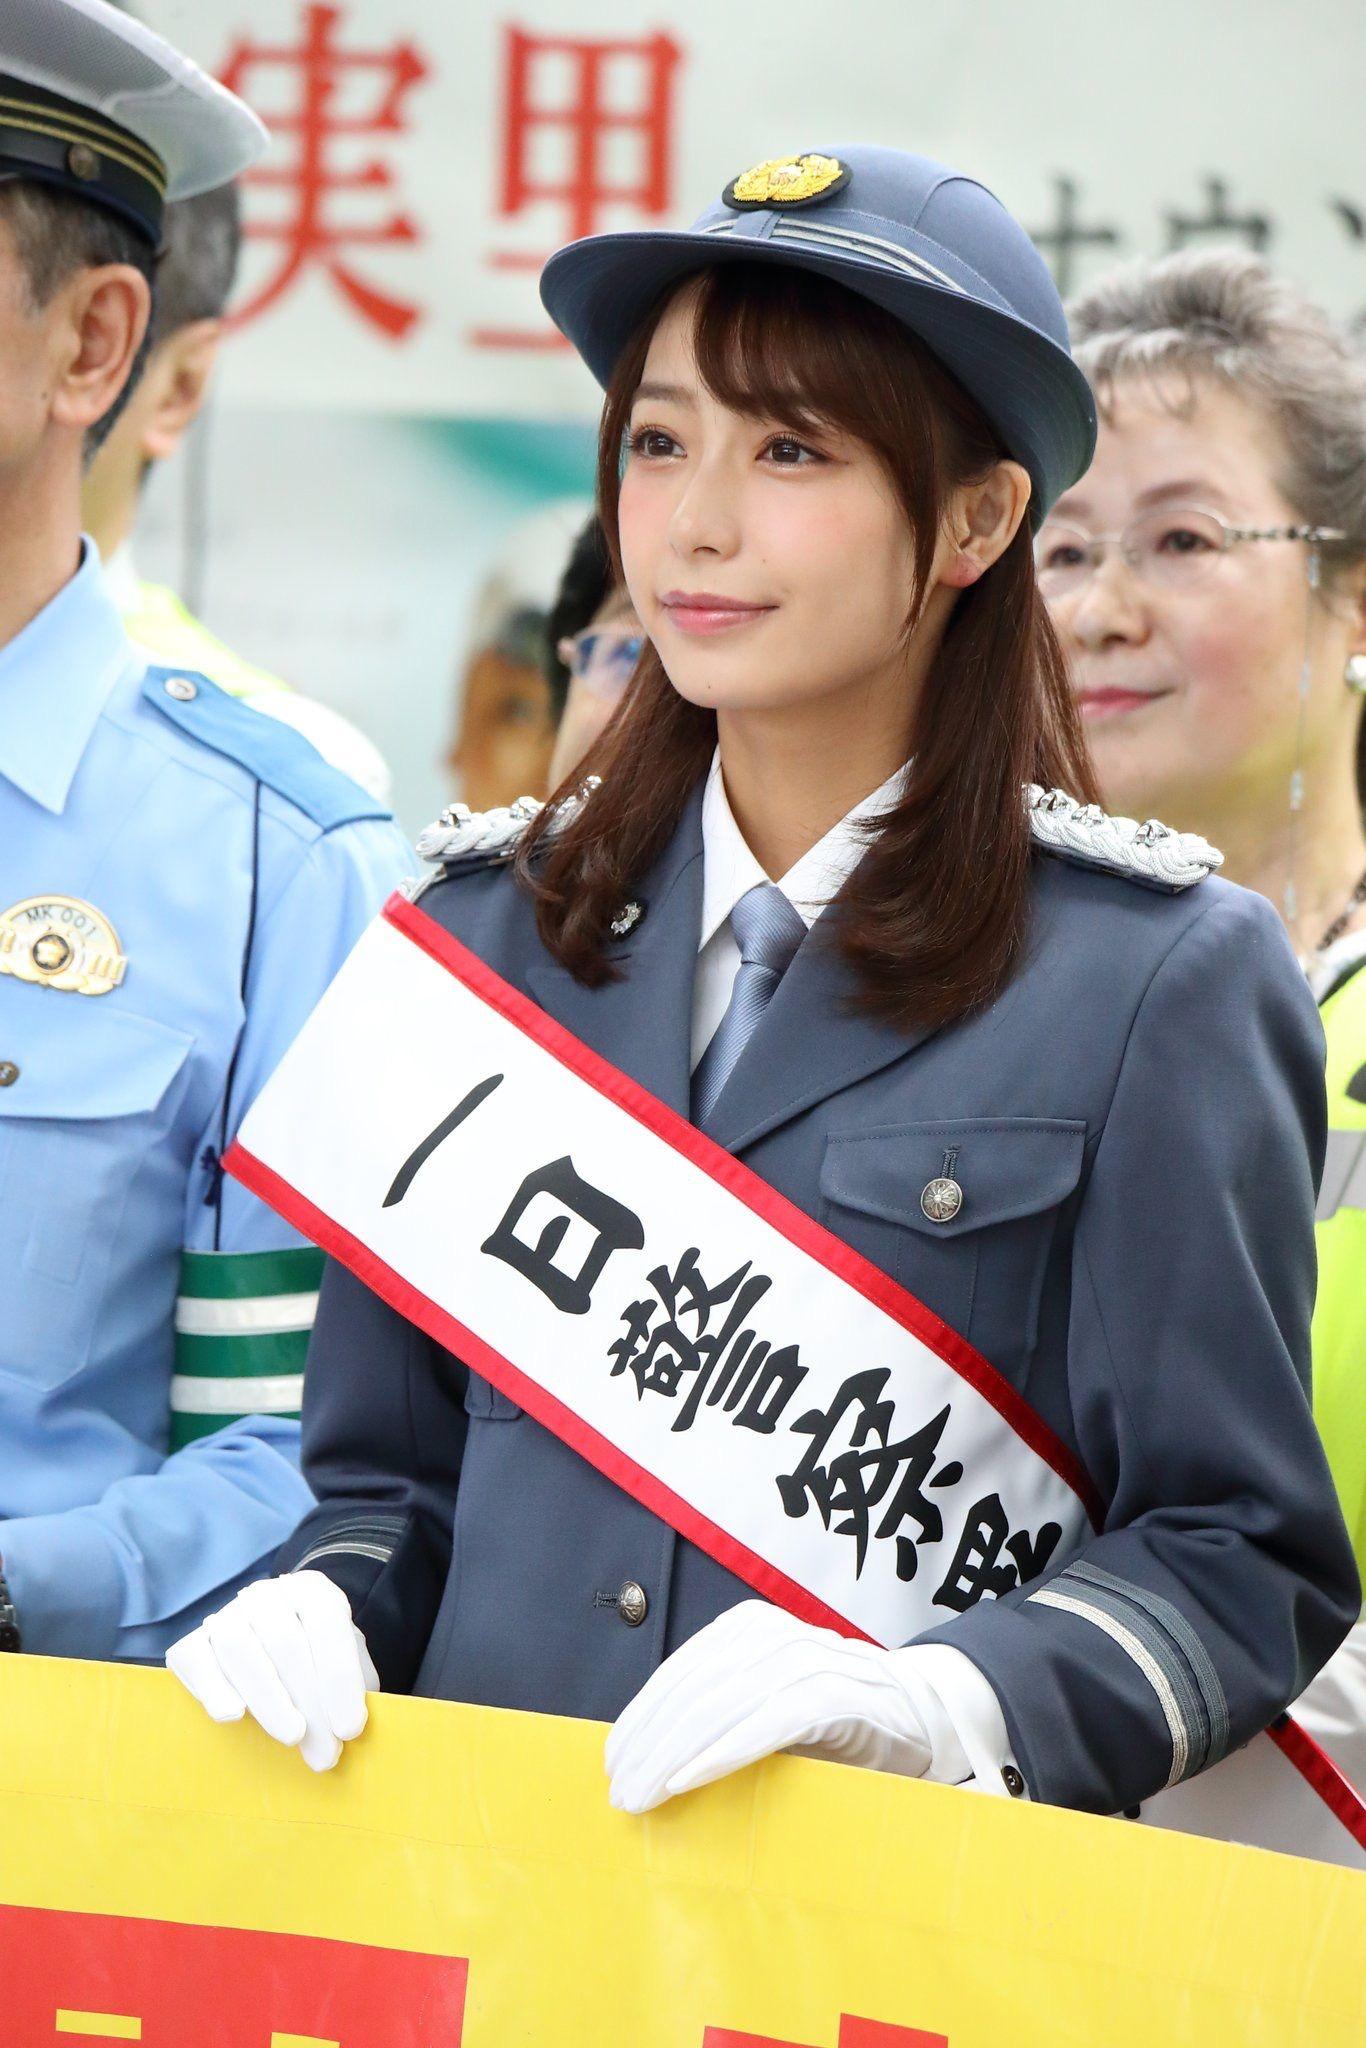 「宇垣美里 警察」の画像検索結果